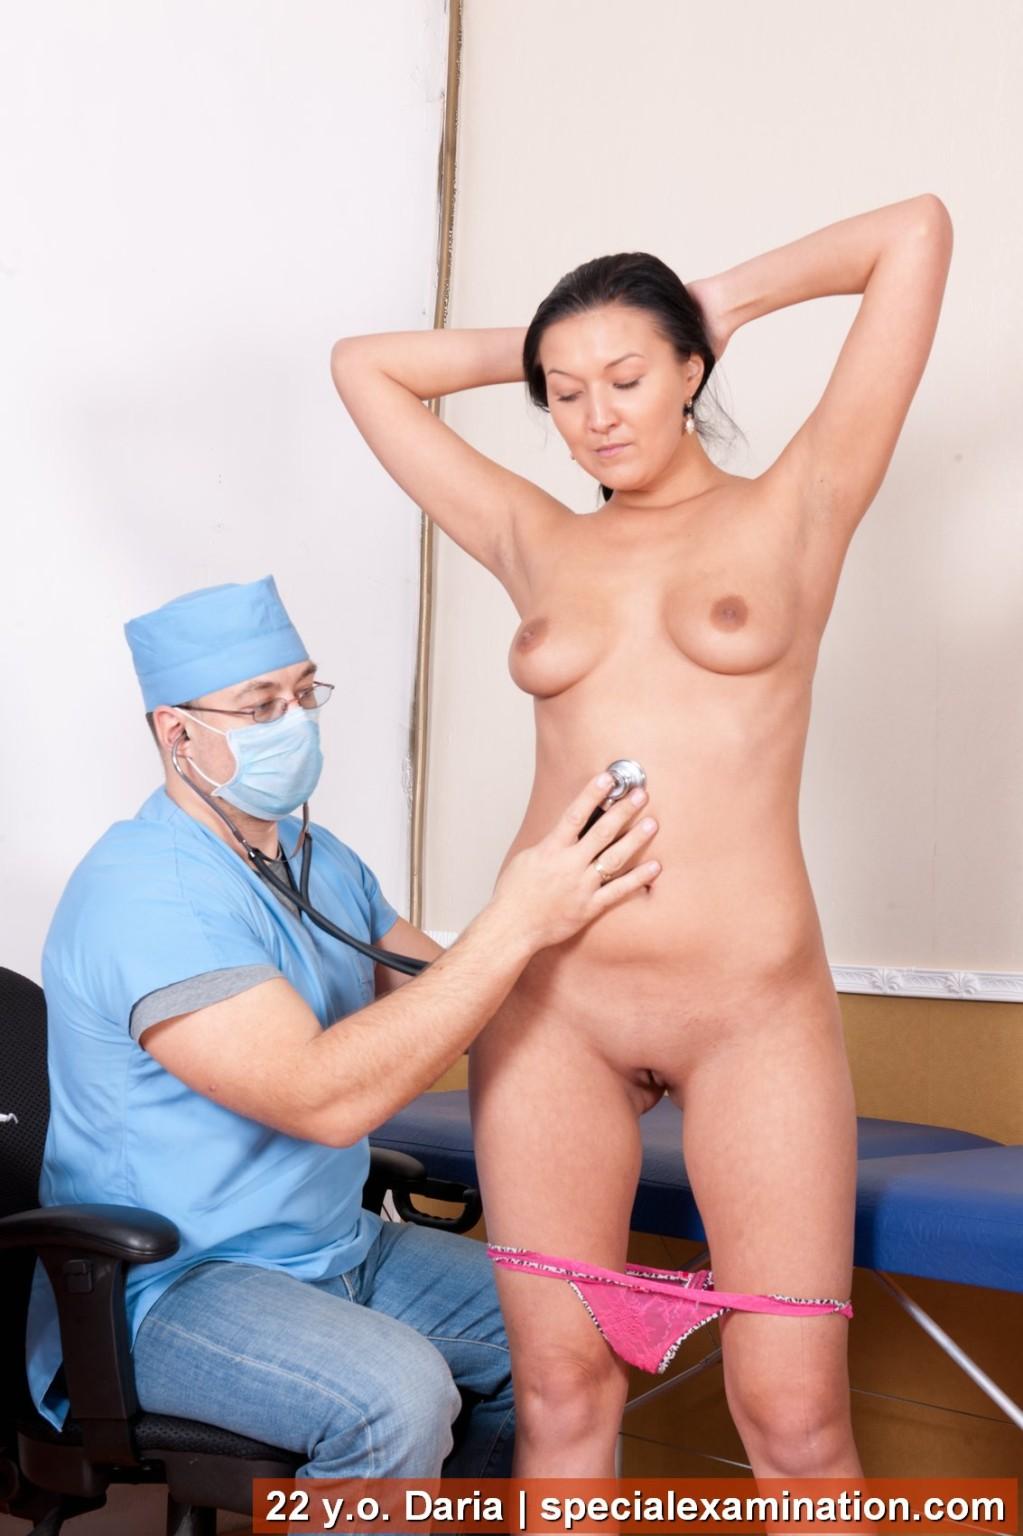 seks-bdsm-u-ginekologa